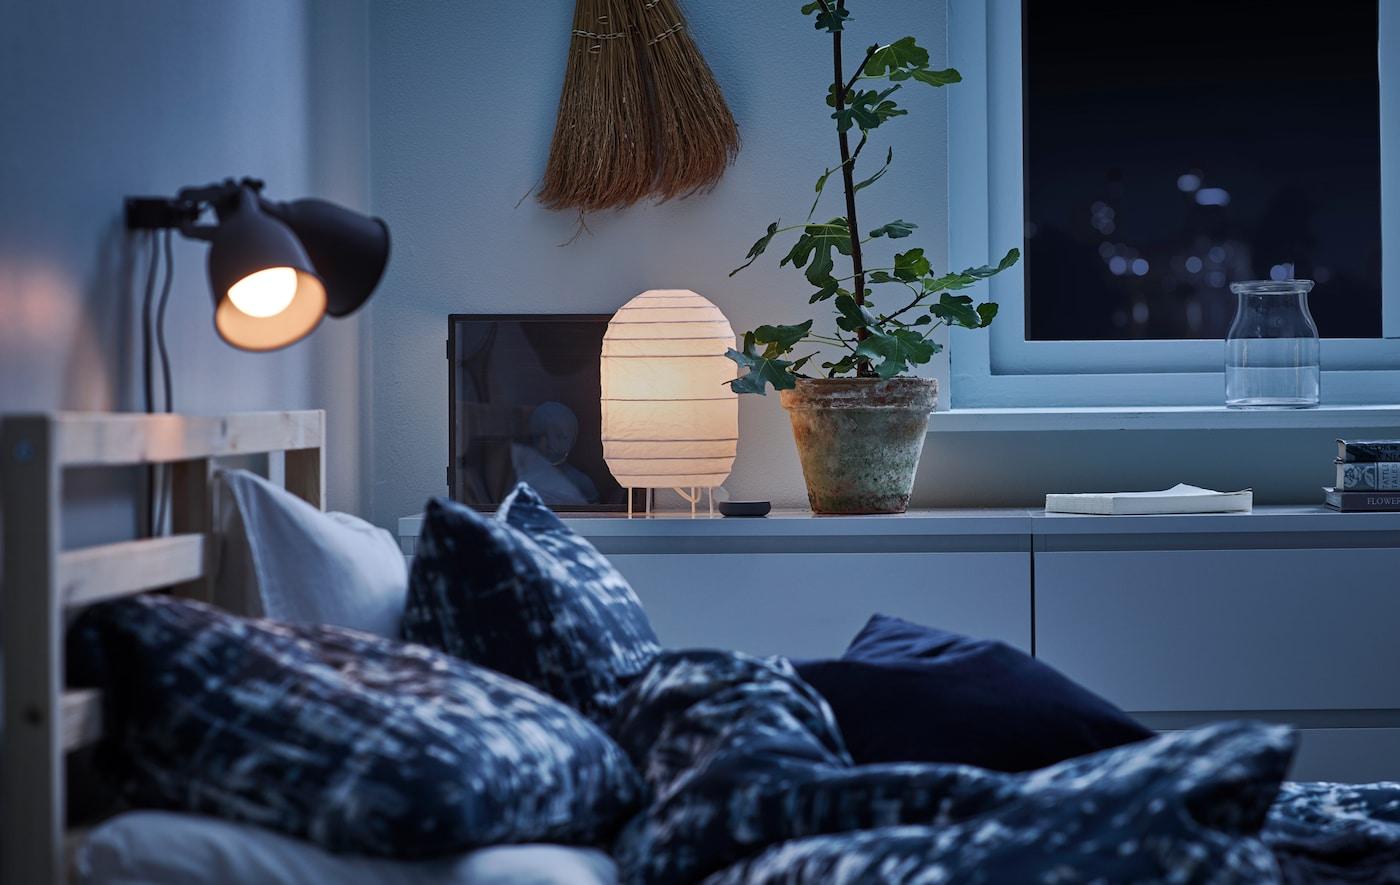 Vil du gerne skabe en blød og hyggelig stemning i dit hjem? Vælg den rigtige belysning! Prøv en papirlampe med en pære, der gi'r et dekorativt og varmt lys. STORUMAN bordlampe er genial som sengelampe.